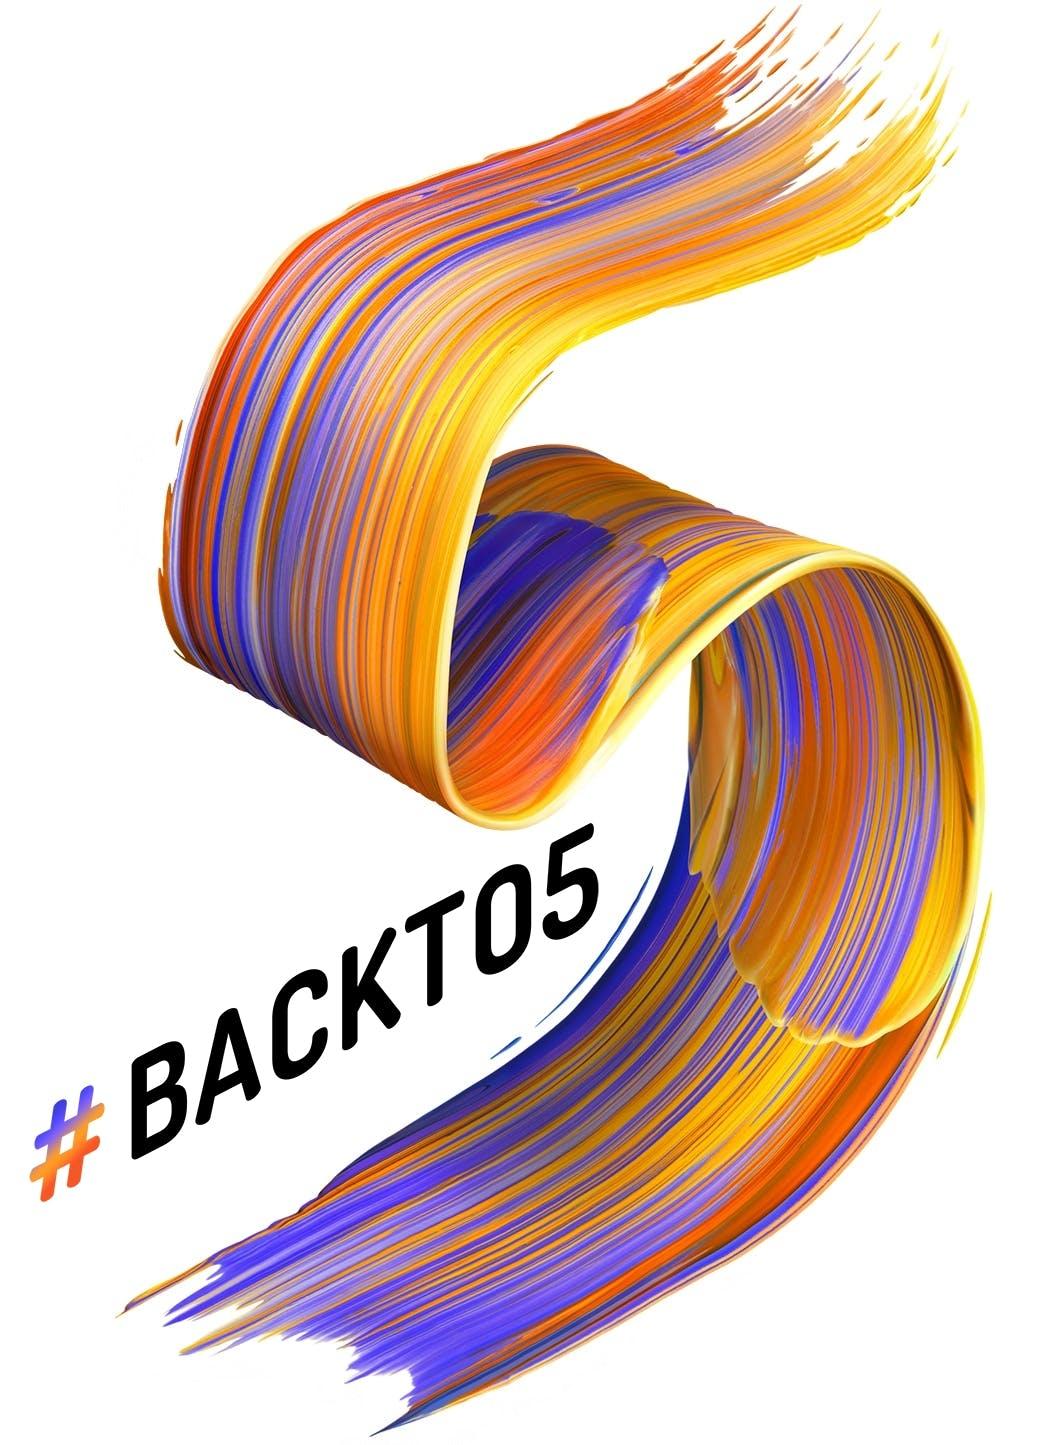 BACKTO5